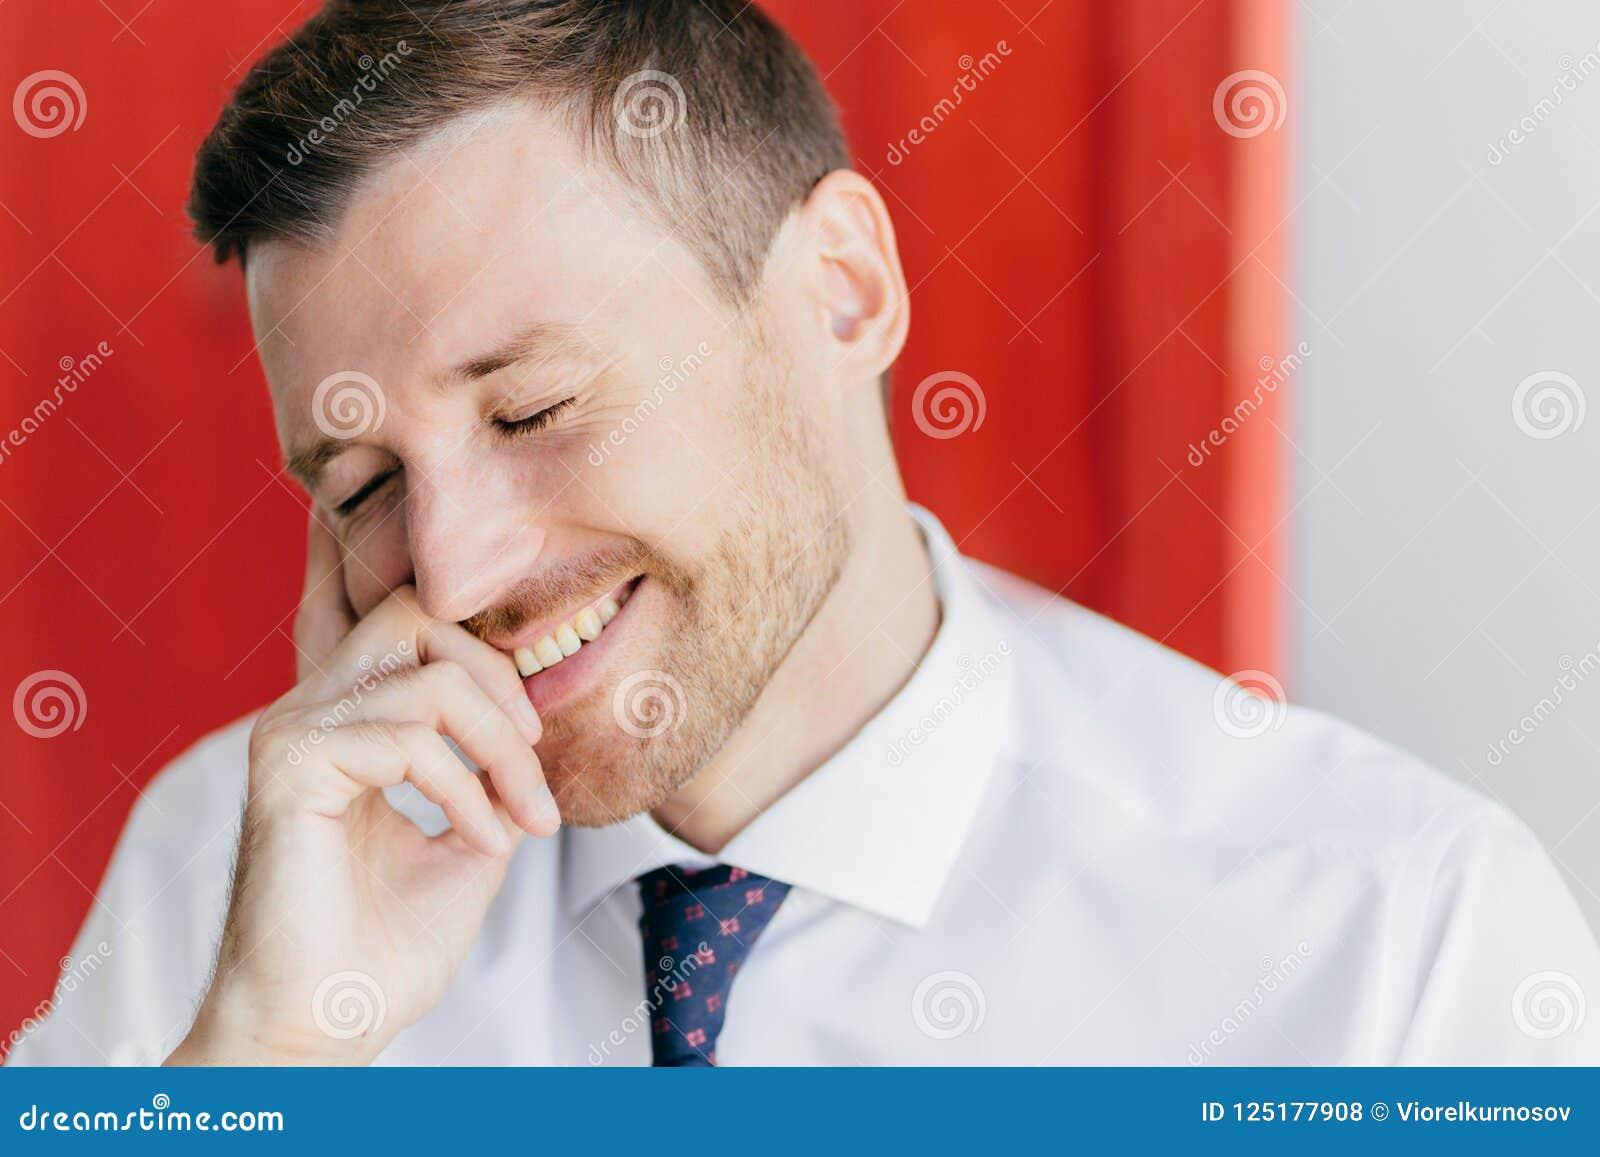 Den glade orakade mannen med det lyckliga uttryckt, fniss på det roliga skämtet, slut synar med nöje, den iklädda eleganta vita s